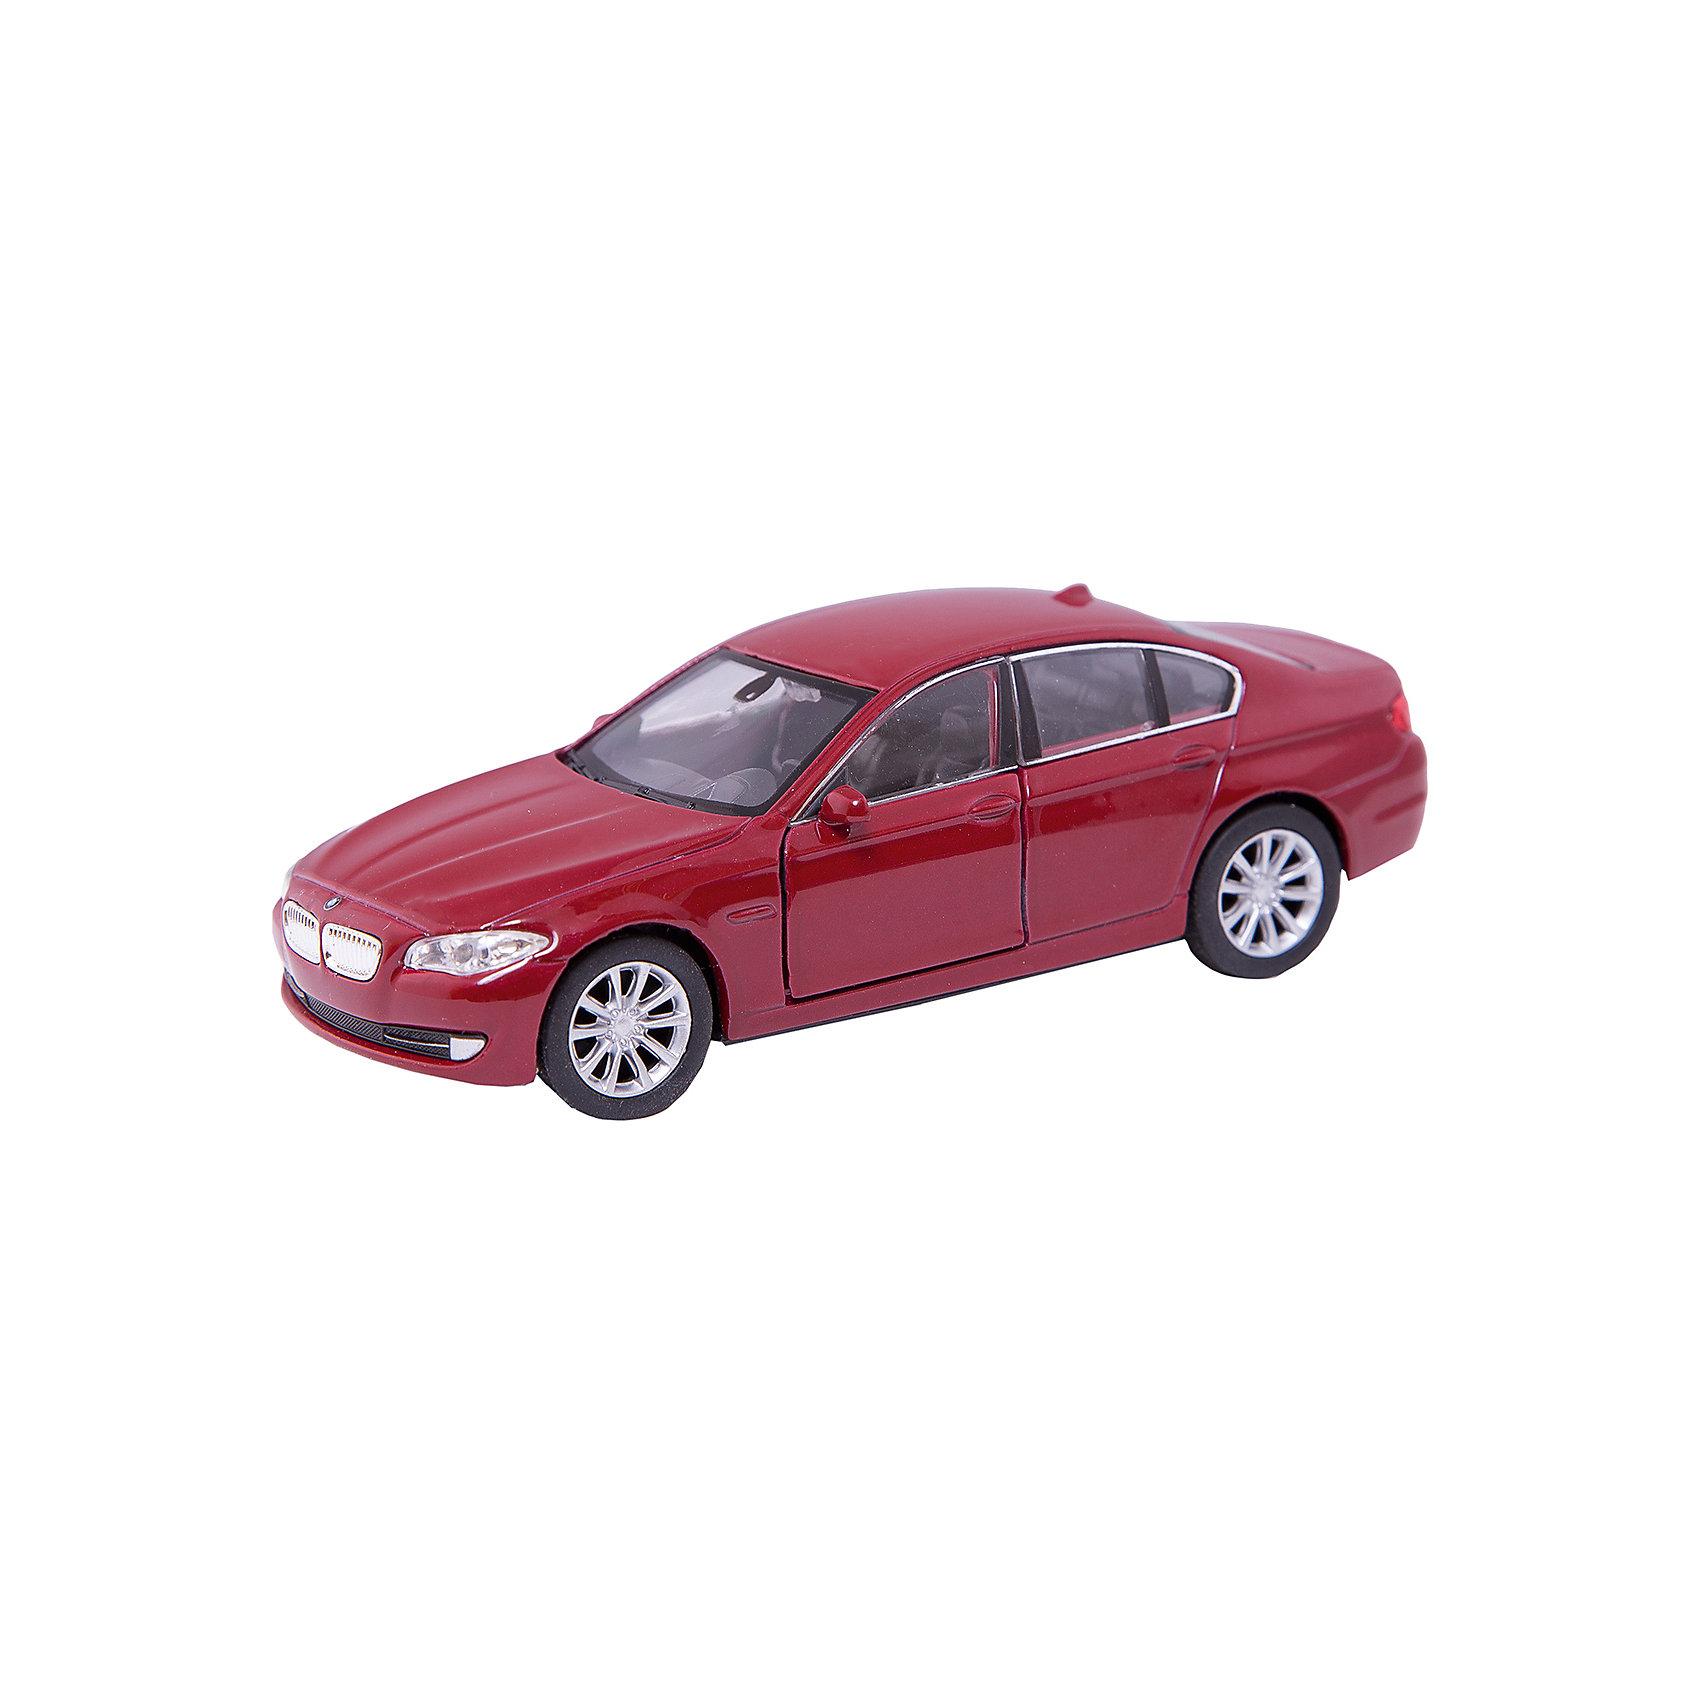 Модель машины 1:34-39 BMW 535, WellyКоллекционные модели<br>Коллекционная модель машины Welly (Велли) - это настоящая уменьшенная копия автомобиля BMW 535, выполненная в масштабе 1:34-39. Машинка функциональна: у нее открываются двери, колеса вращаются.<br>Автомобиль BMW 535 вышел в свет в 2010 году, он был создан для удовлетворения самых взыскательных требований. У него внушительные технические характеристики, а изящный дизайн покоряет с первого взгляда.<br><br>Ширина мм: 145<br>Глубина мм: 115<br>Высота мм: 60<br>Вес г: 158<br>Возраст от месяцев: 36<br>Возраст до месяцев: 192<br>Пол: Мужской<br>Возраст: Детский<br>SKU: 4966527